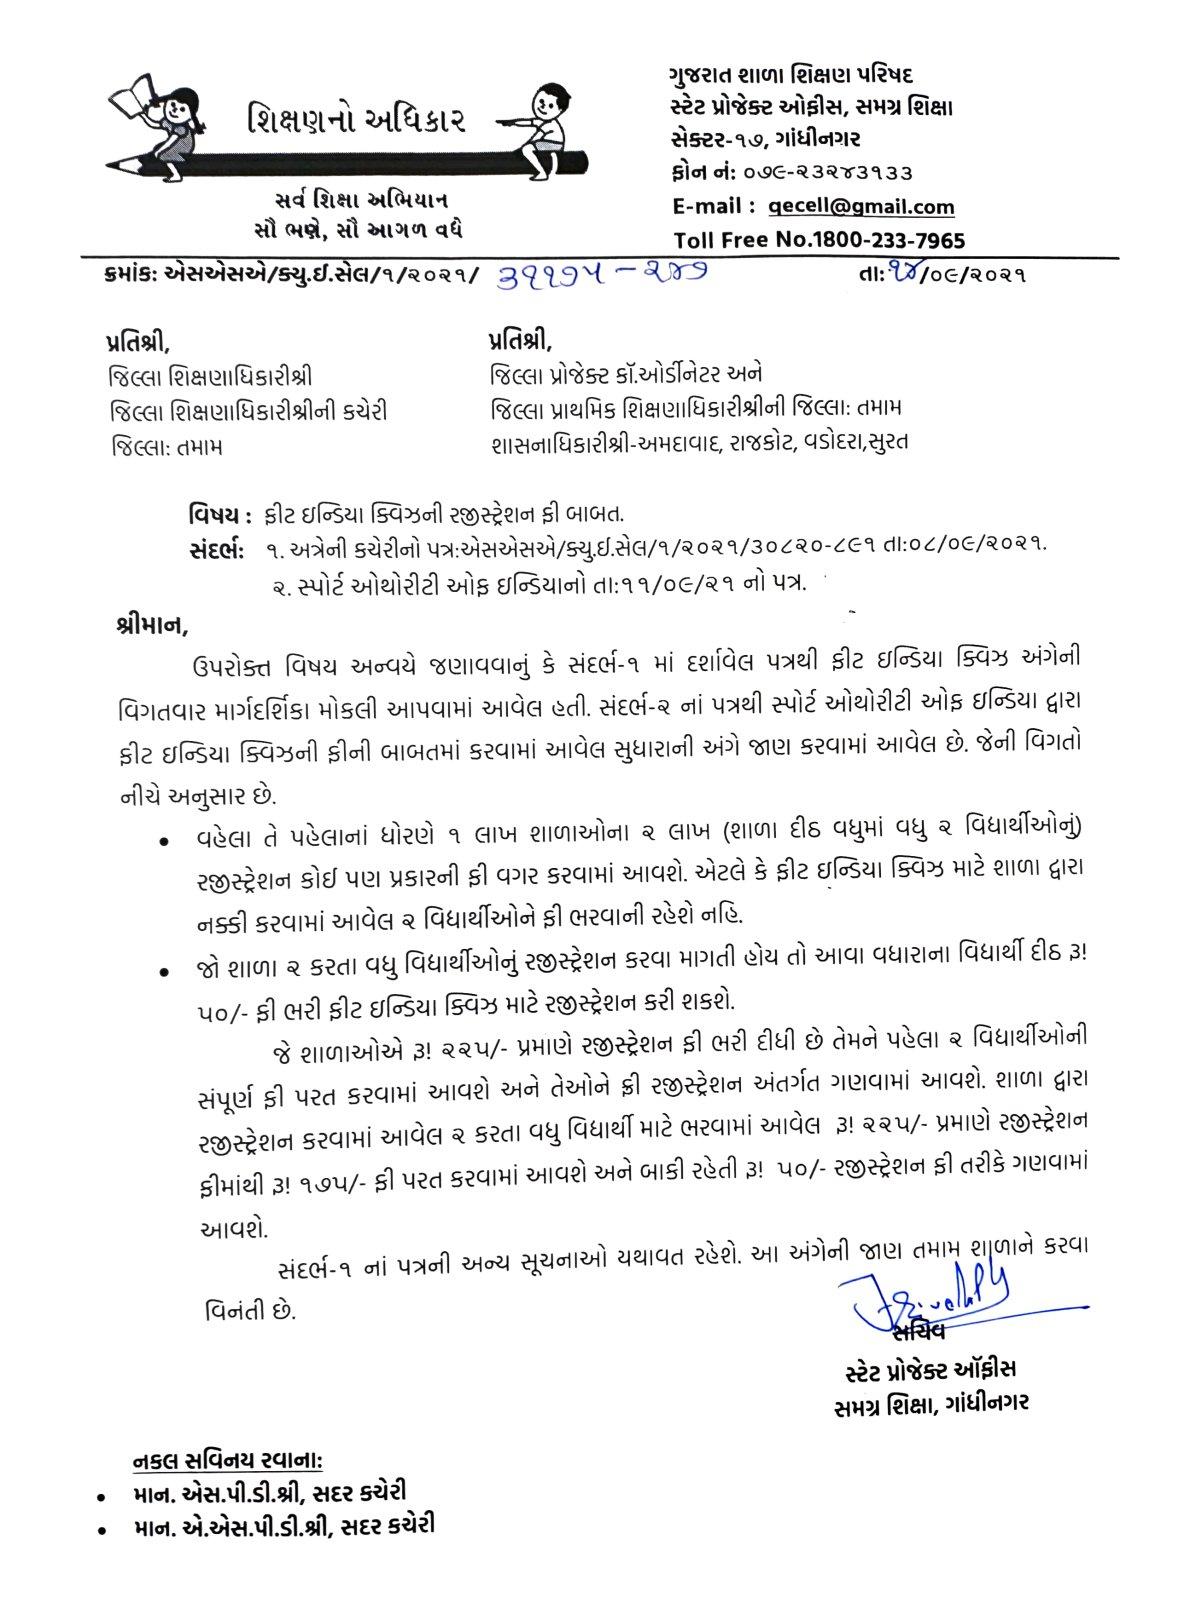 http://www.pravinvankar.in/2021/09/fit-india-quiz-babat-mahtvapurn-letter.html